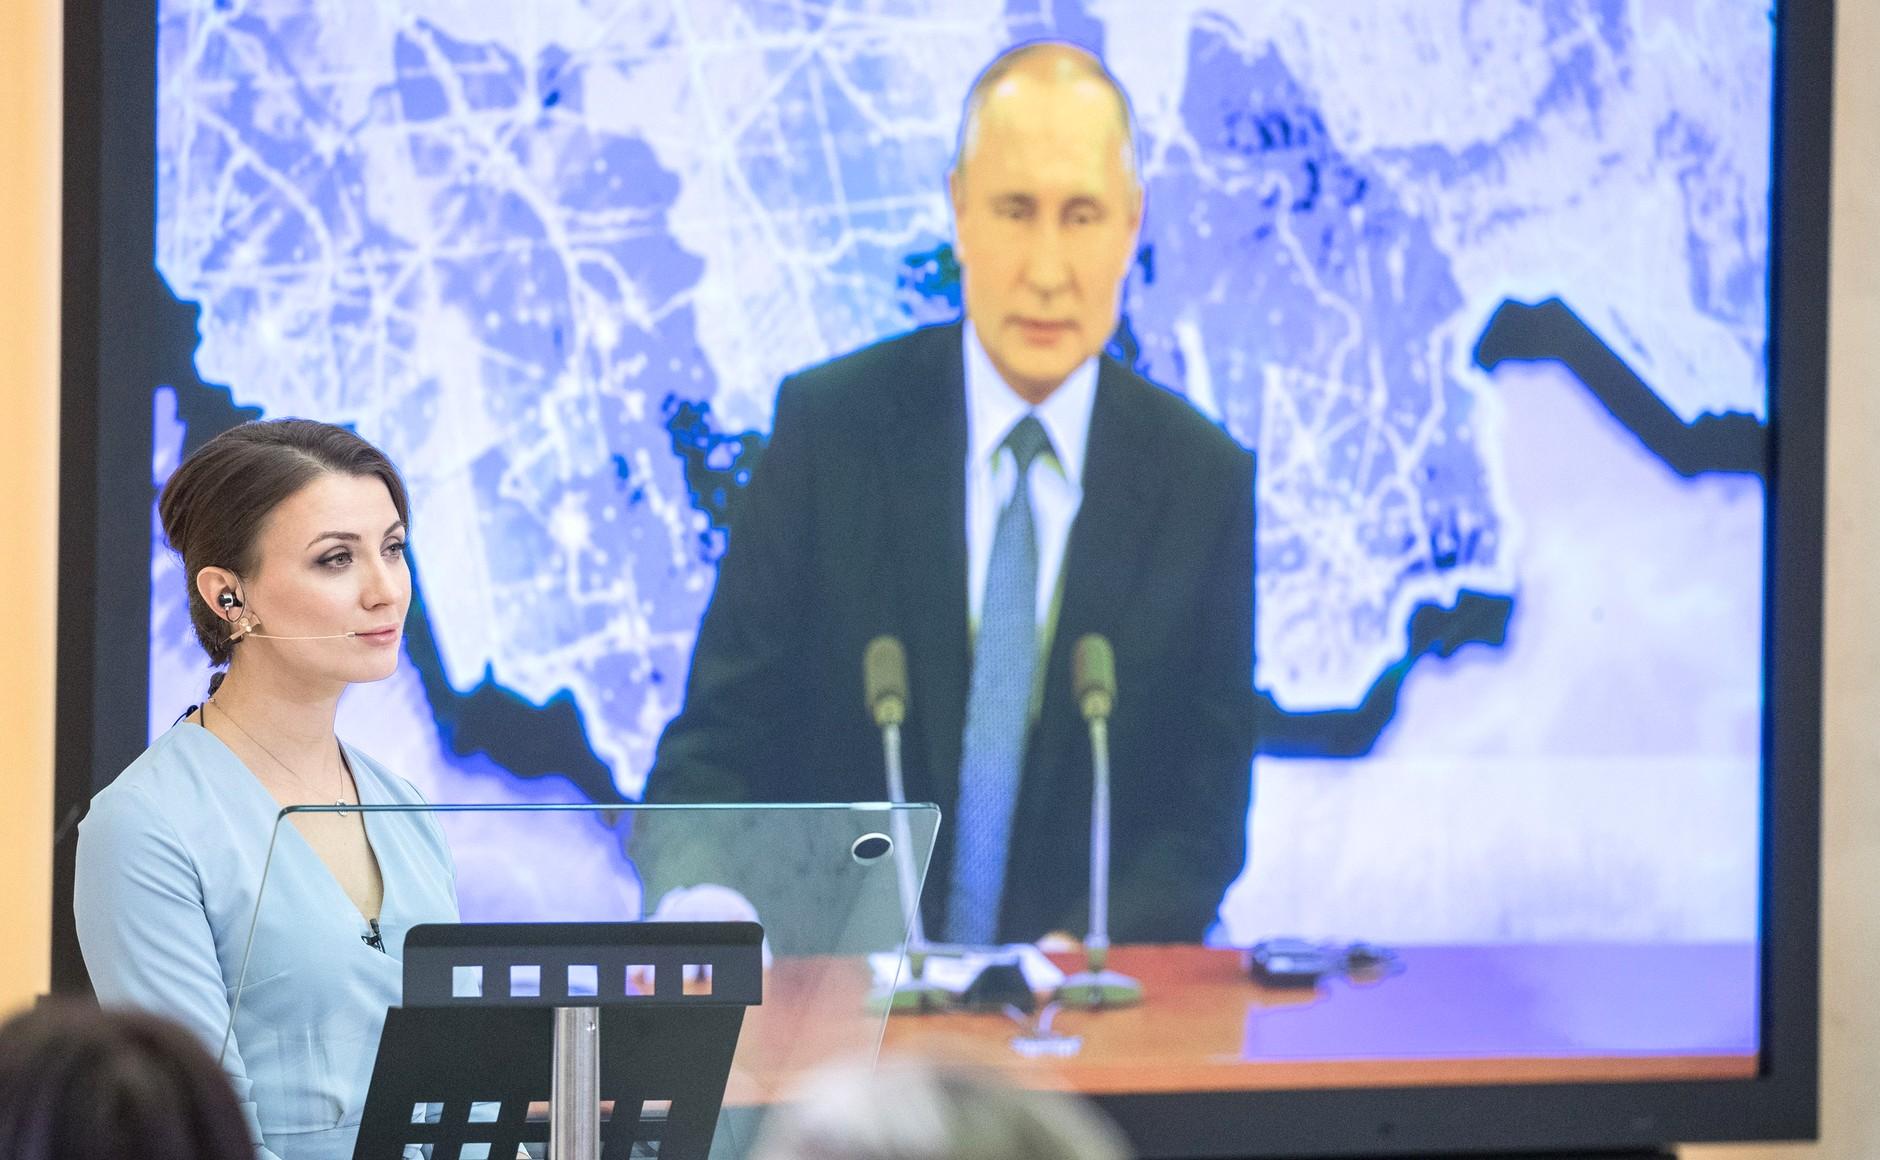 RUSSIE 17.12.2020.CONFERENCE 42 XX 66 Avant le début de la conférence de presse annuelle de Vladimir Poutine.